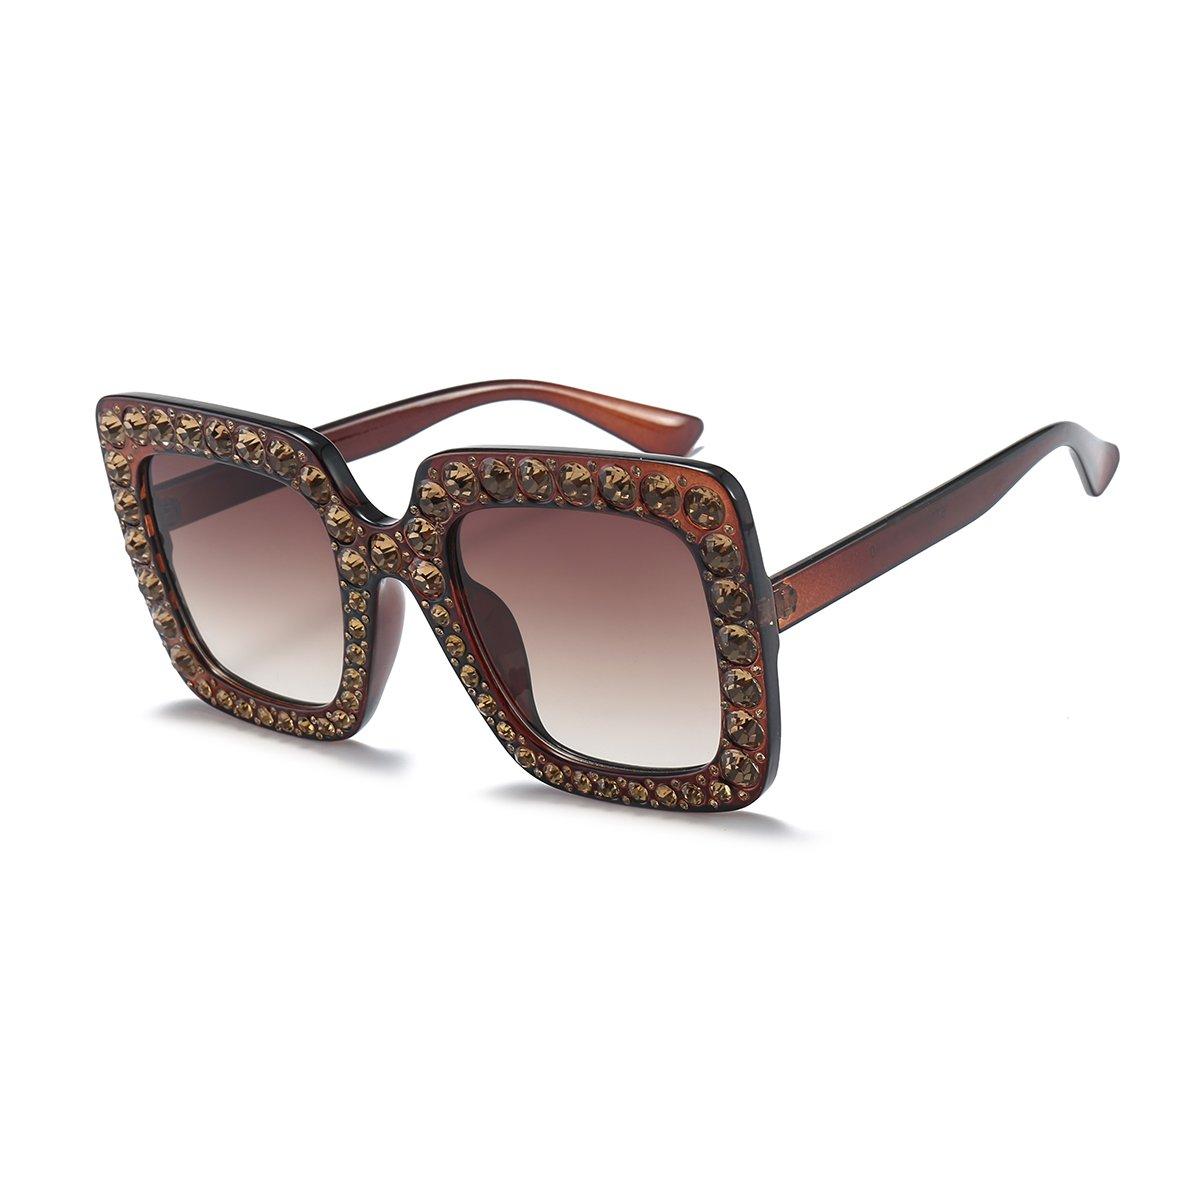 Amazon.com: aimade Mujer anteojos de gran tamaño cuadrado ...